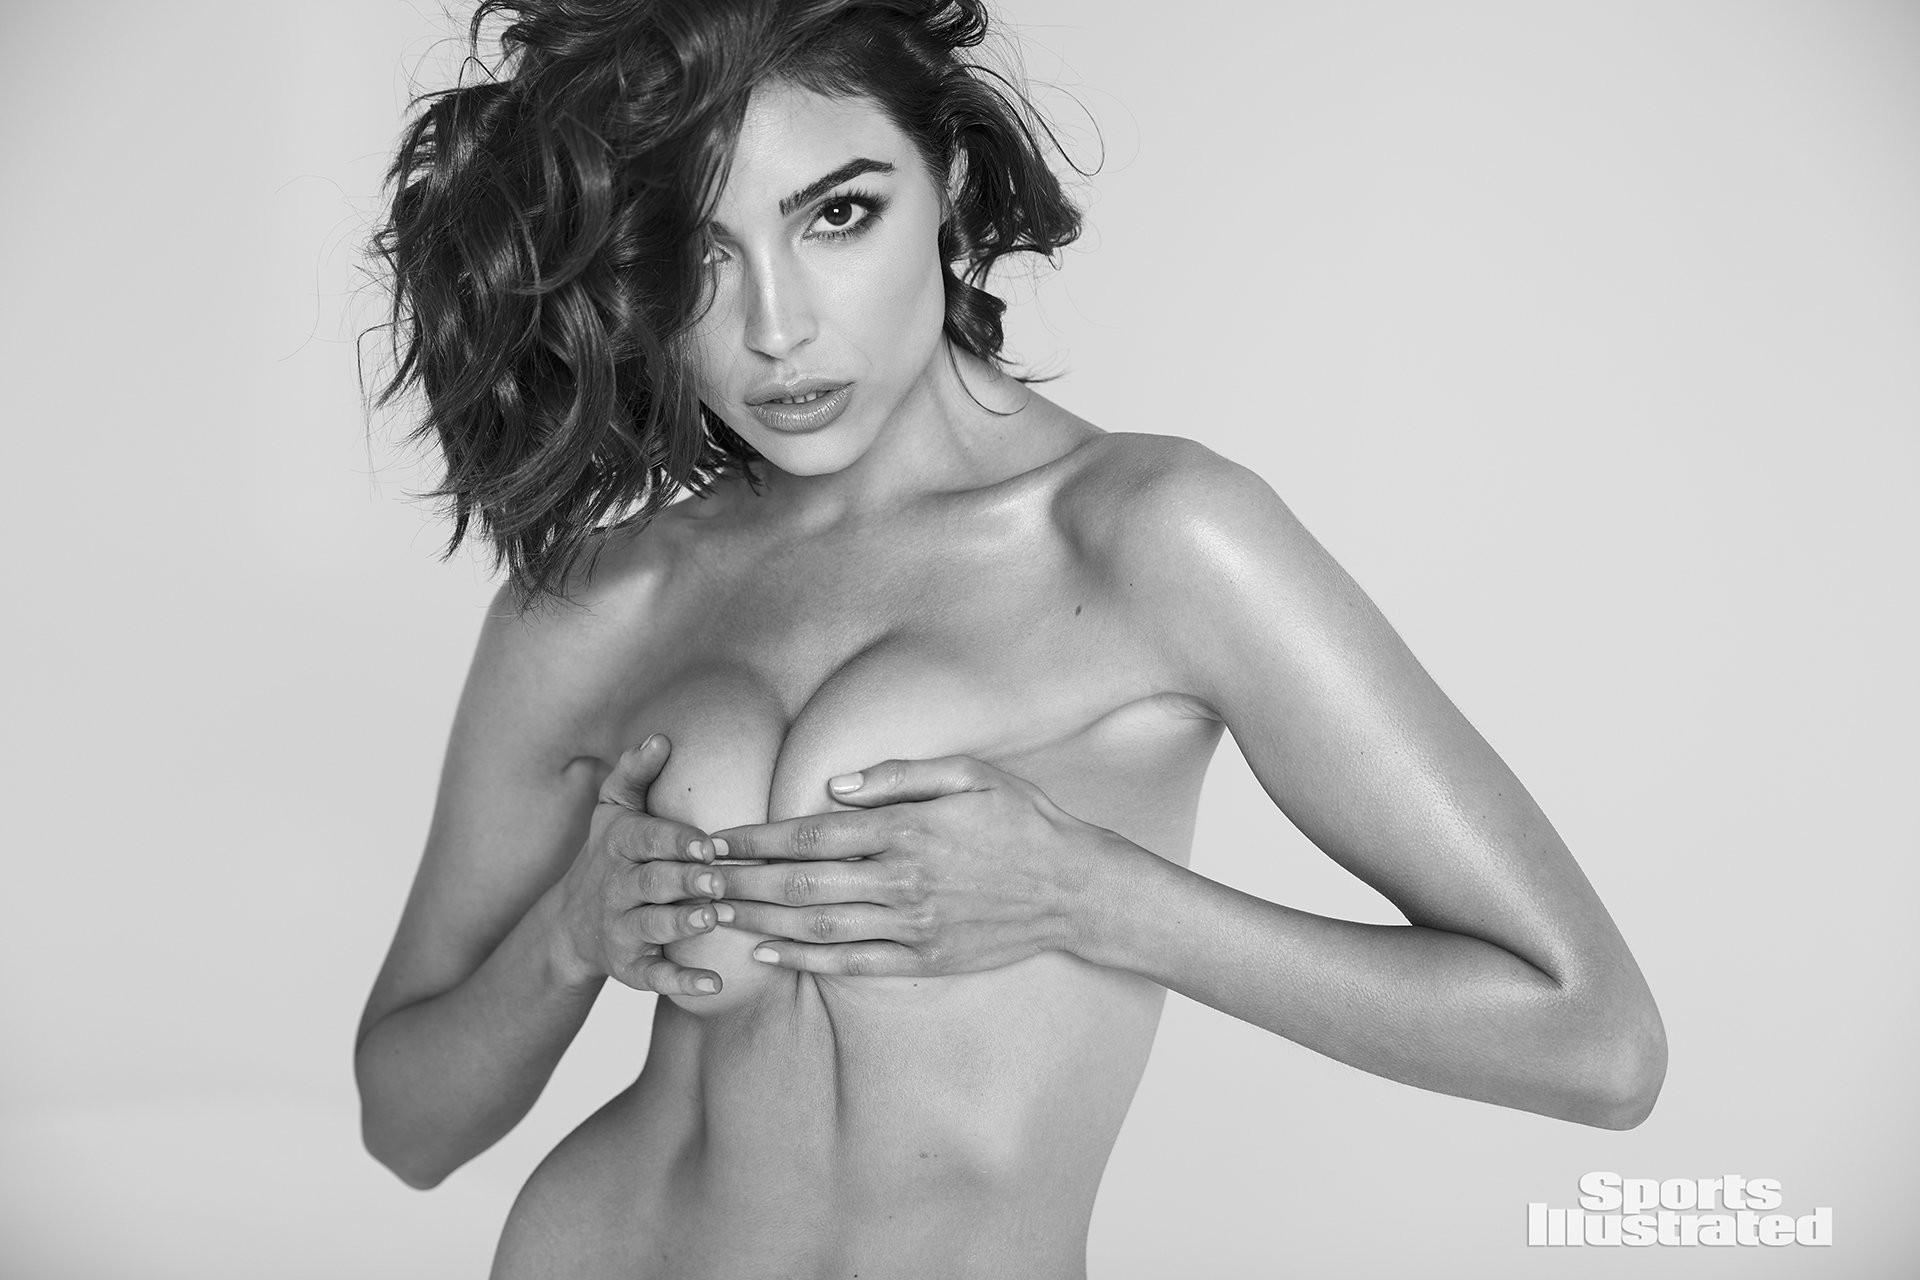 Olivia Culpo Nude Photos Videos - 2019 year